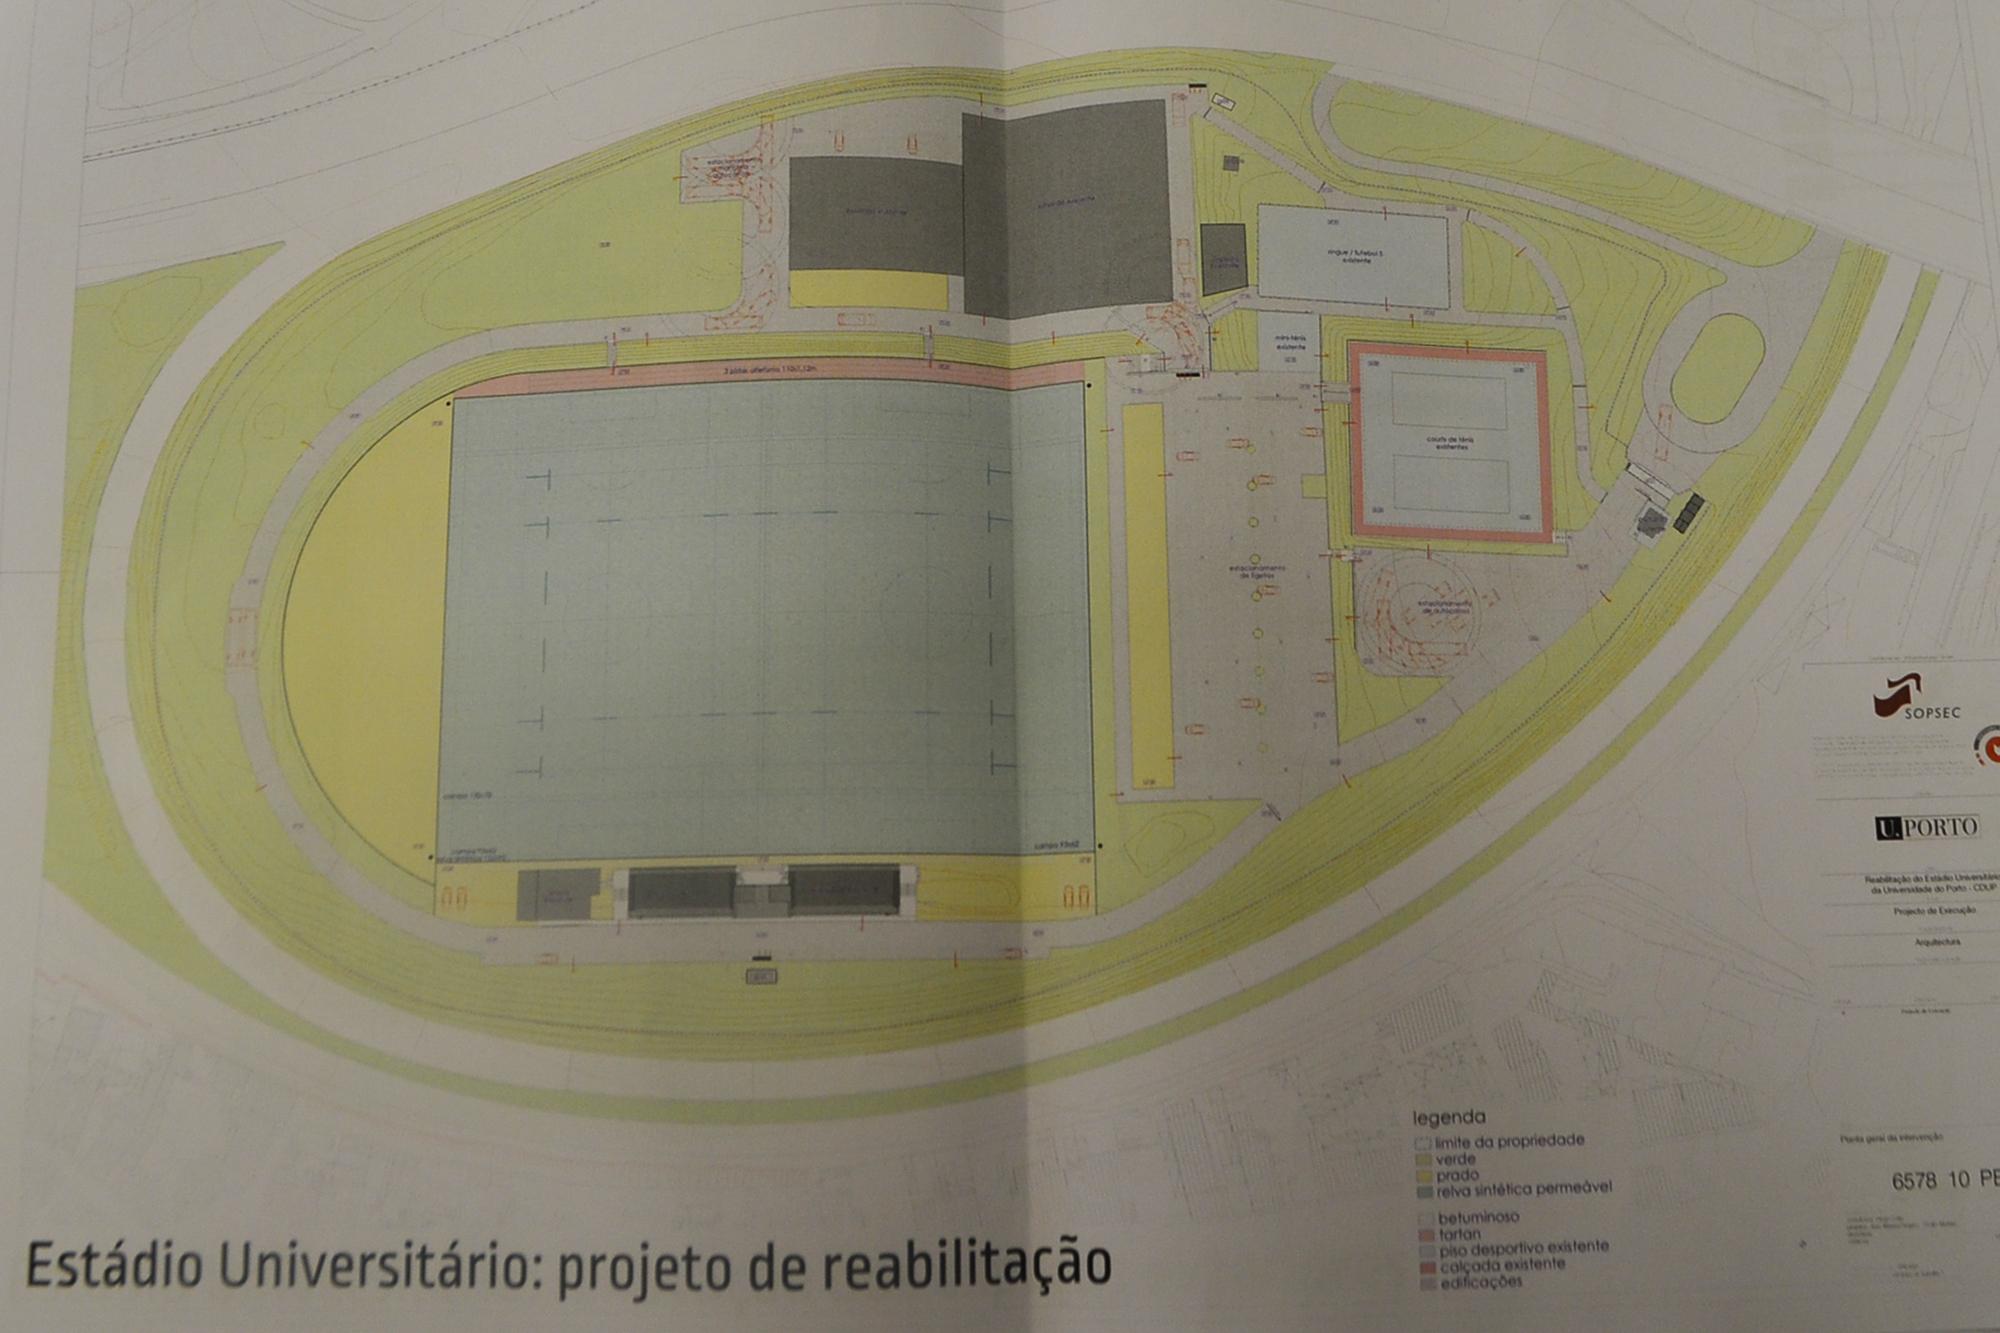 Projeto de reabilitação do Estádio Universitário